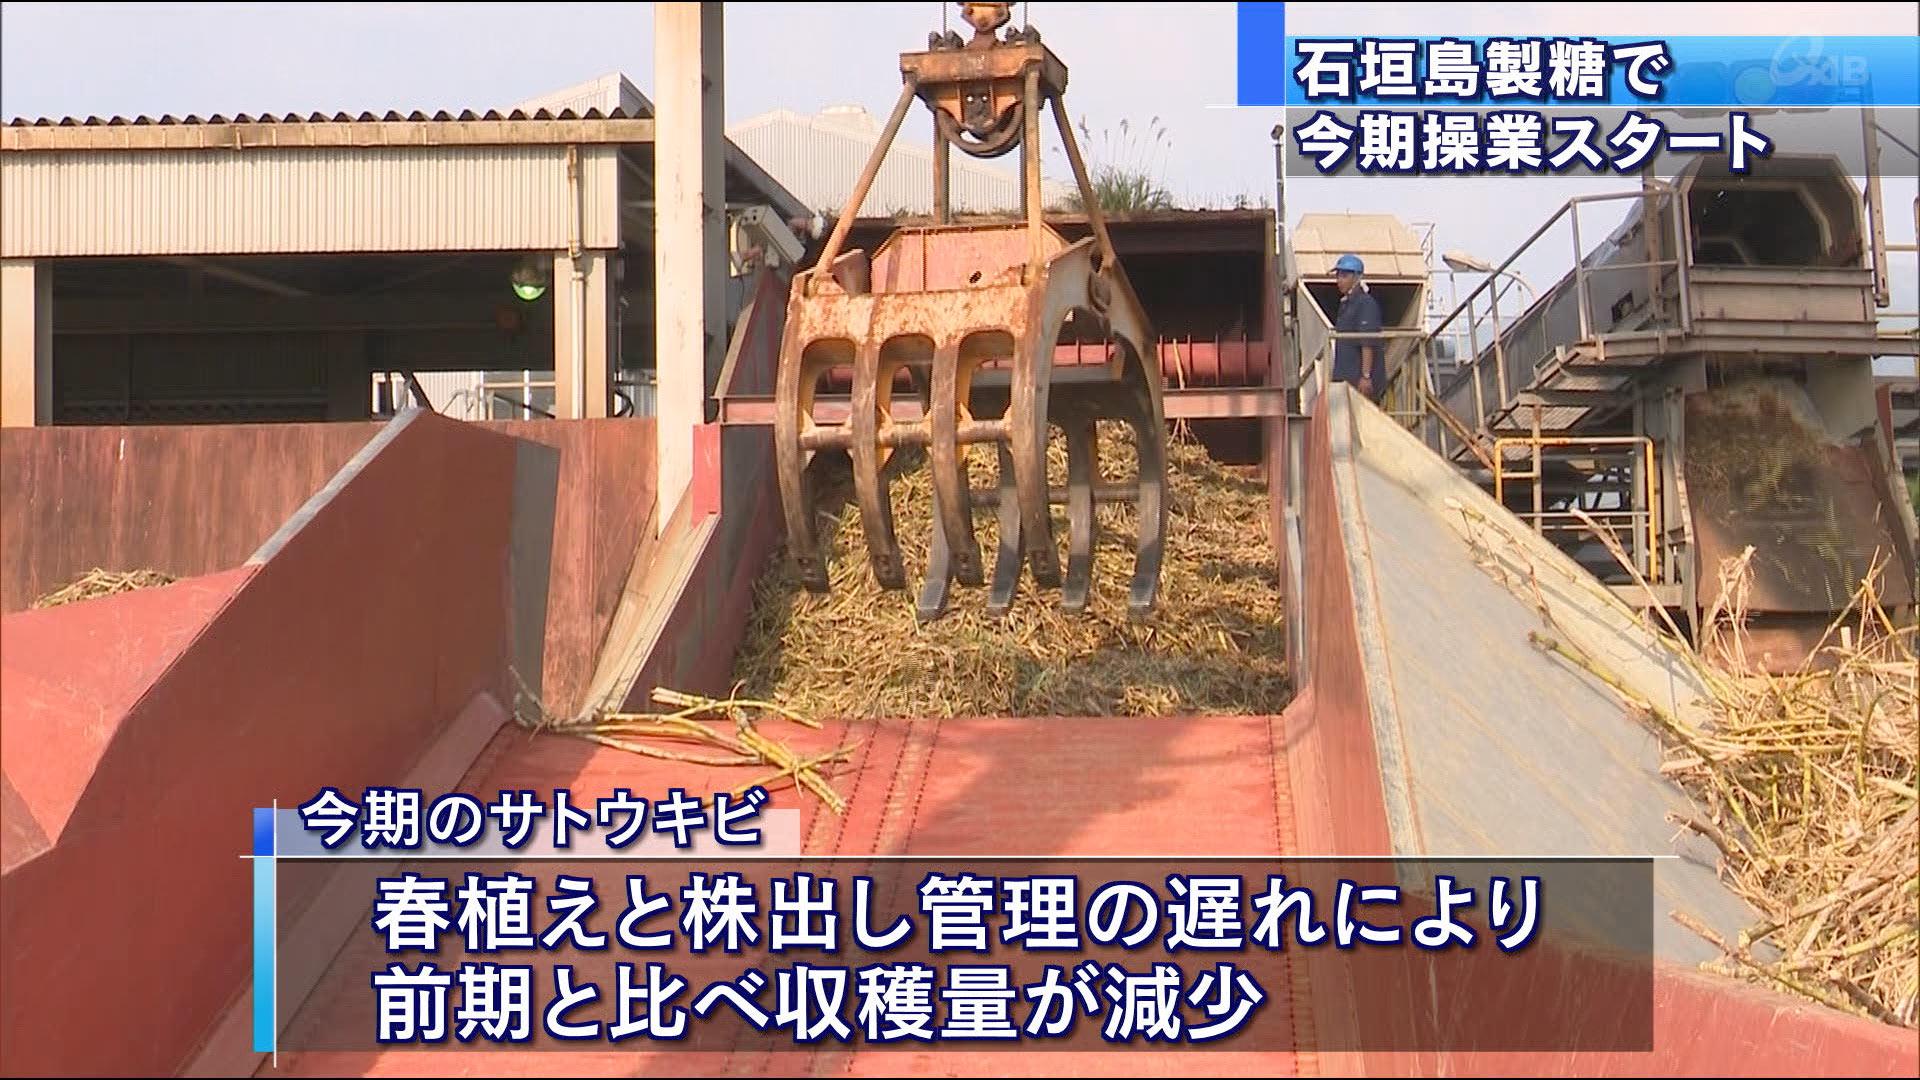 石垣島の製糖工場操業開始